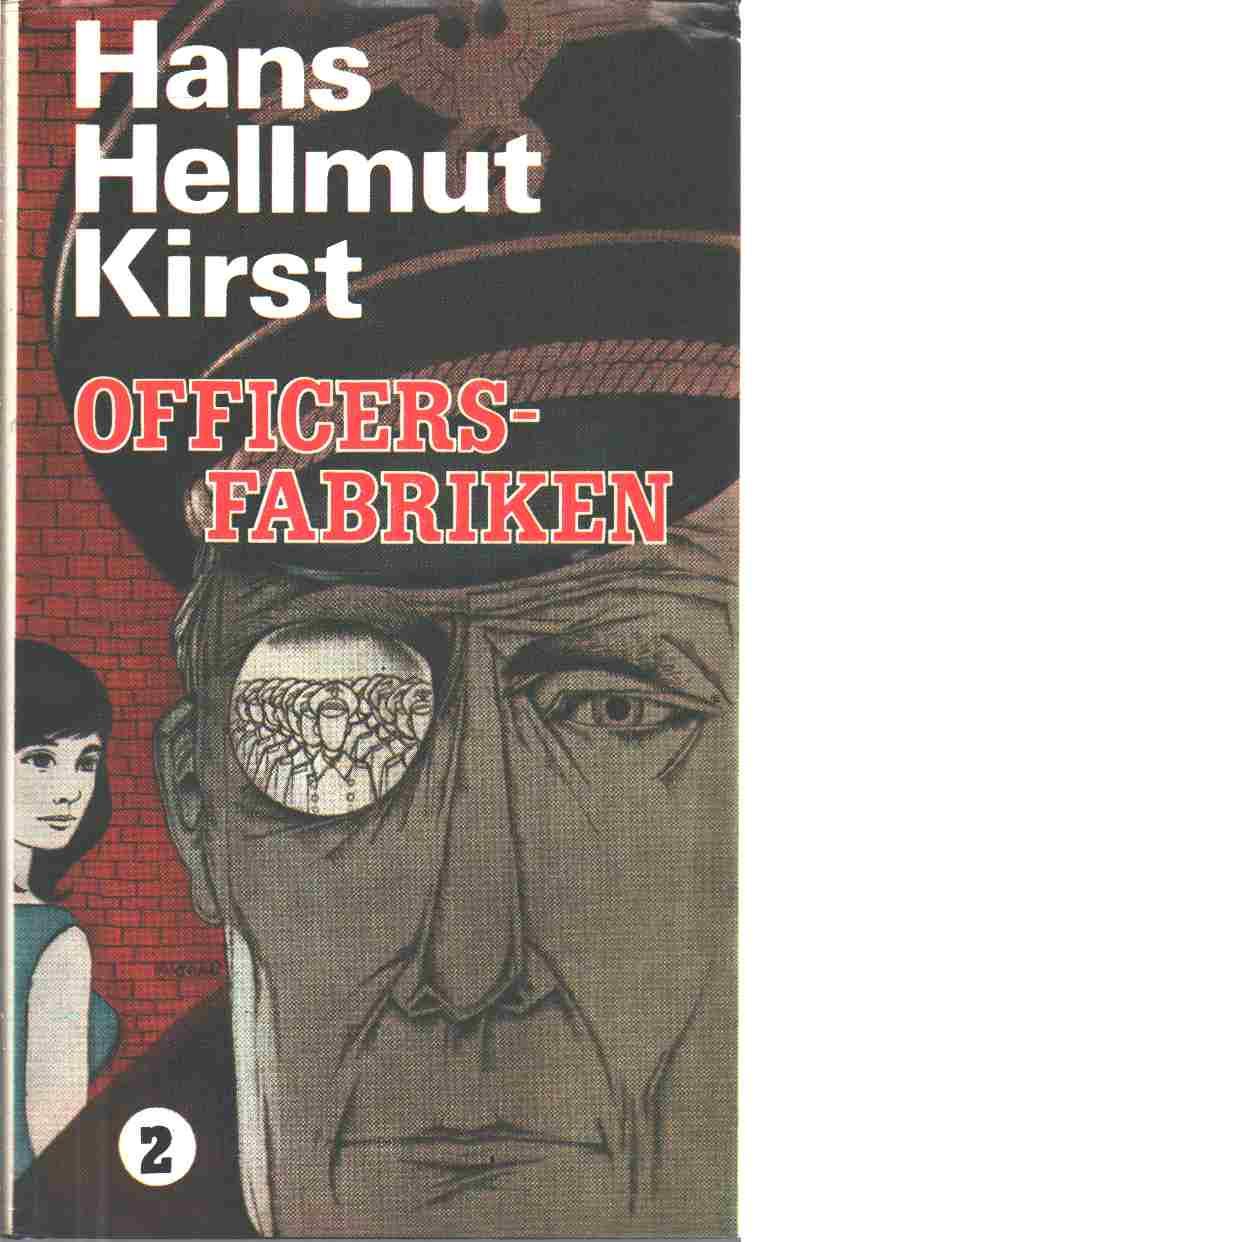 Officersfabriken. D. 1-2 - Kirst, Hans Hellmut